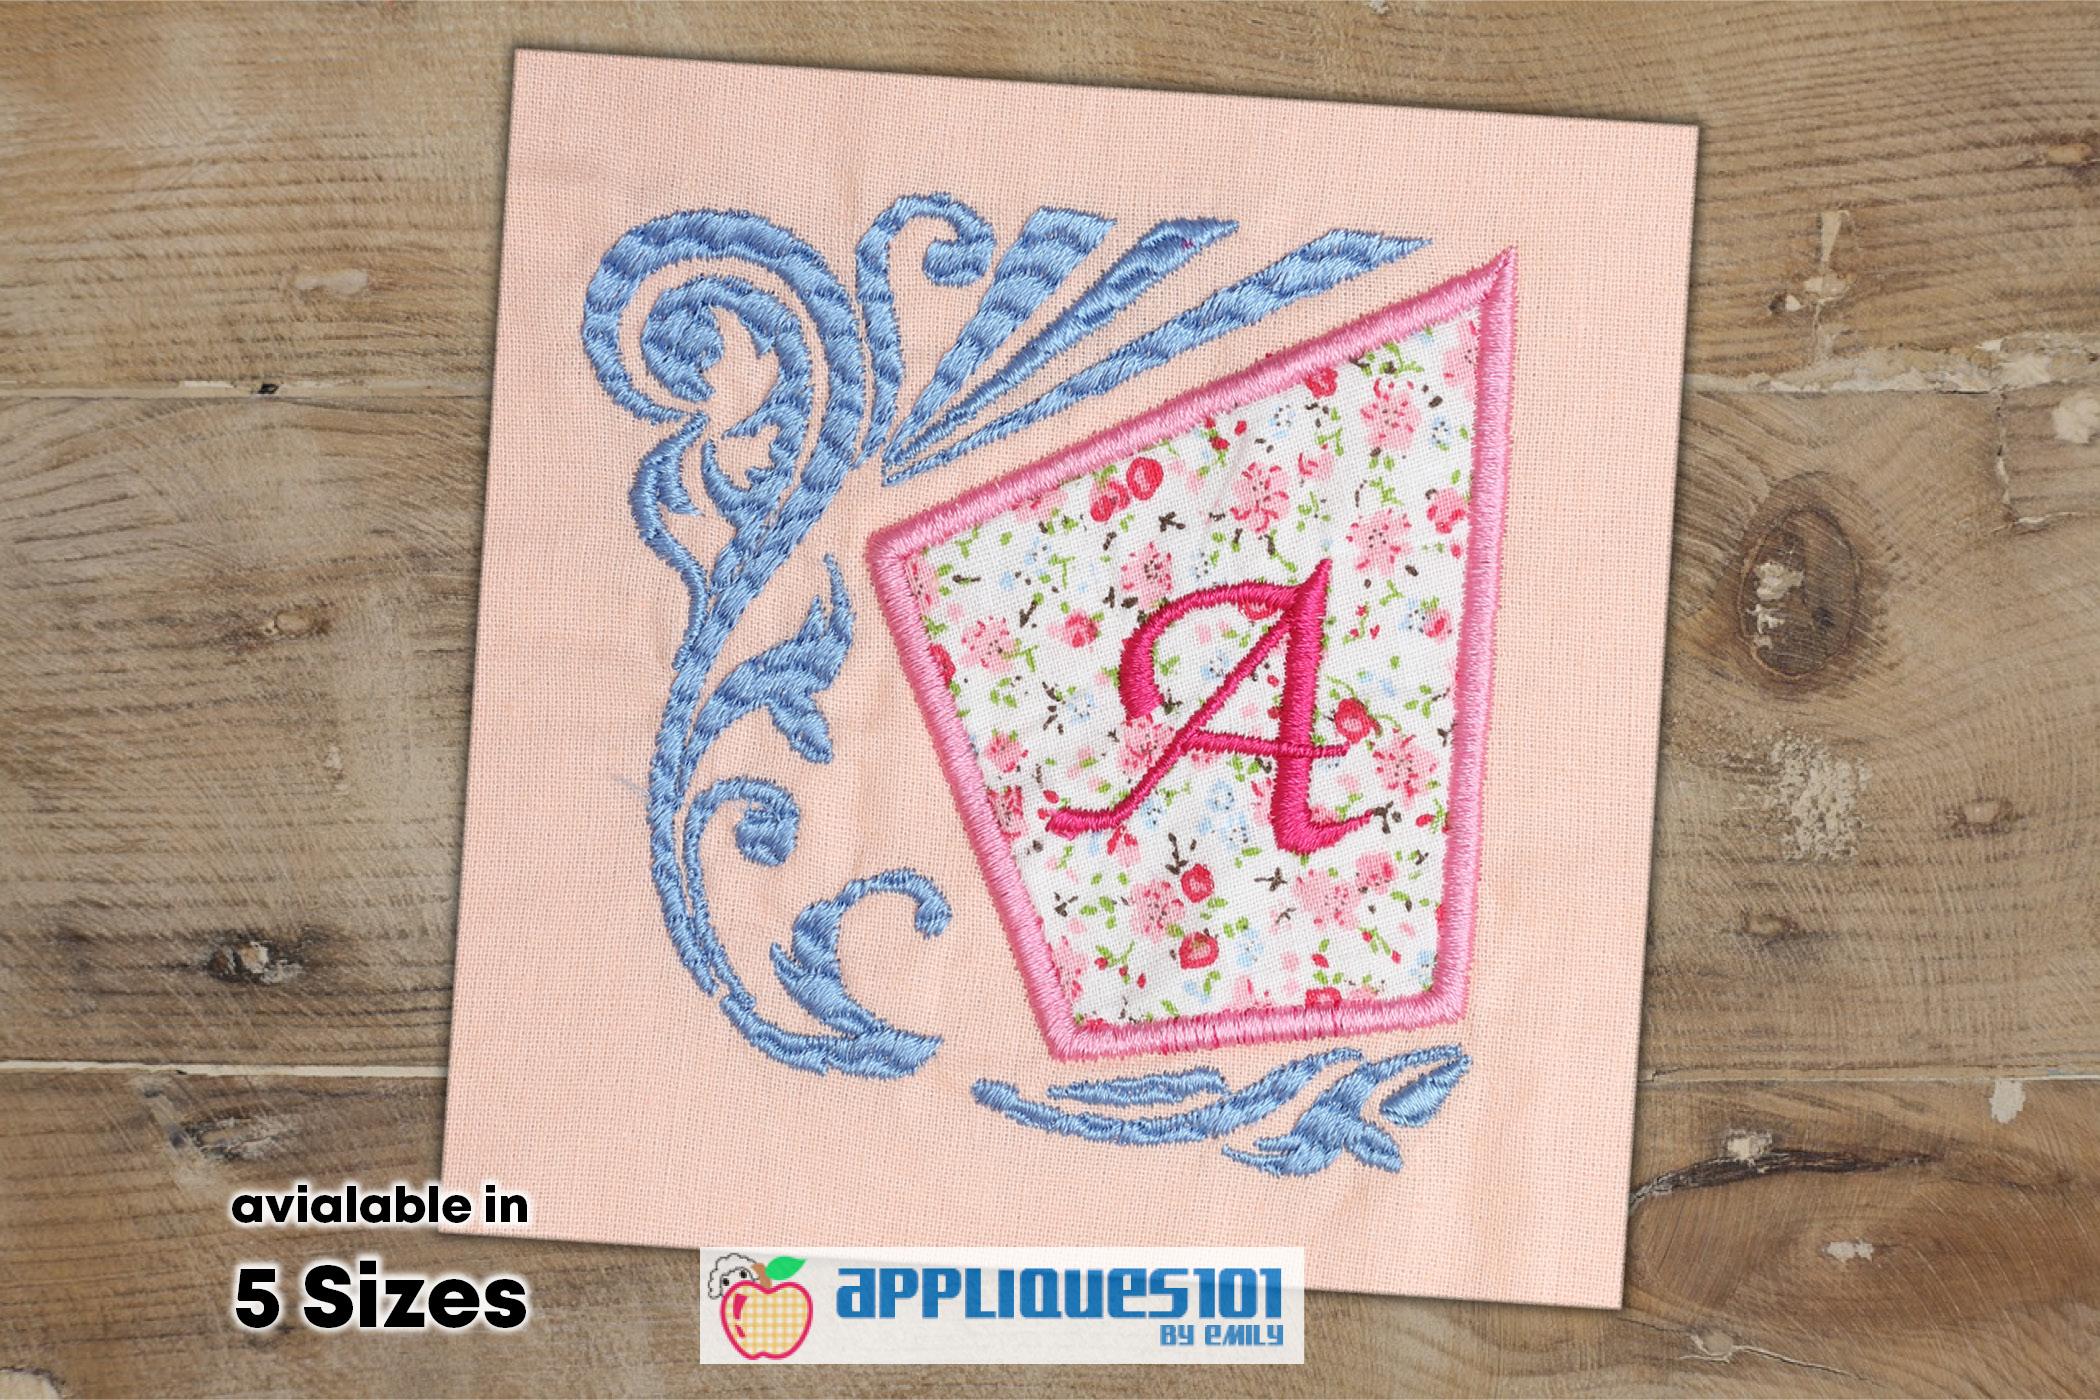 Alphabet Frame Machine Embroidery Applique Design- Alphabets example image 1